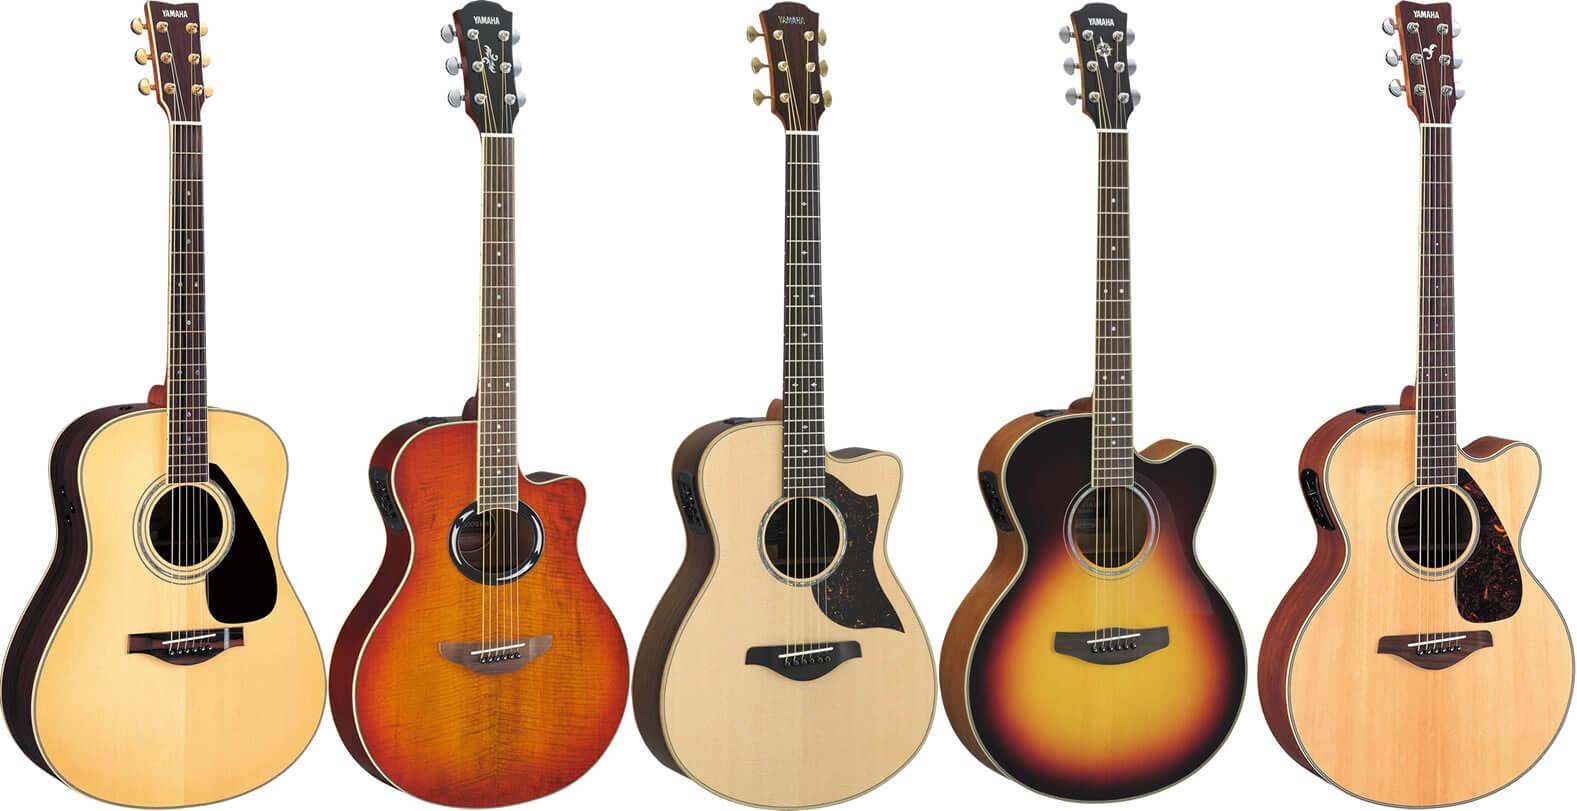 YAMAHA(ヤマハ)のアコースティックギター